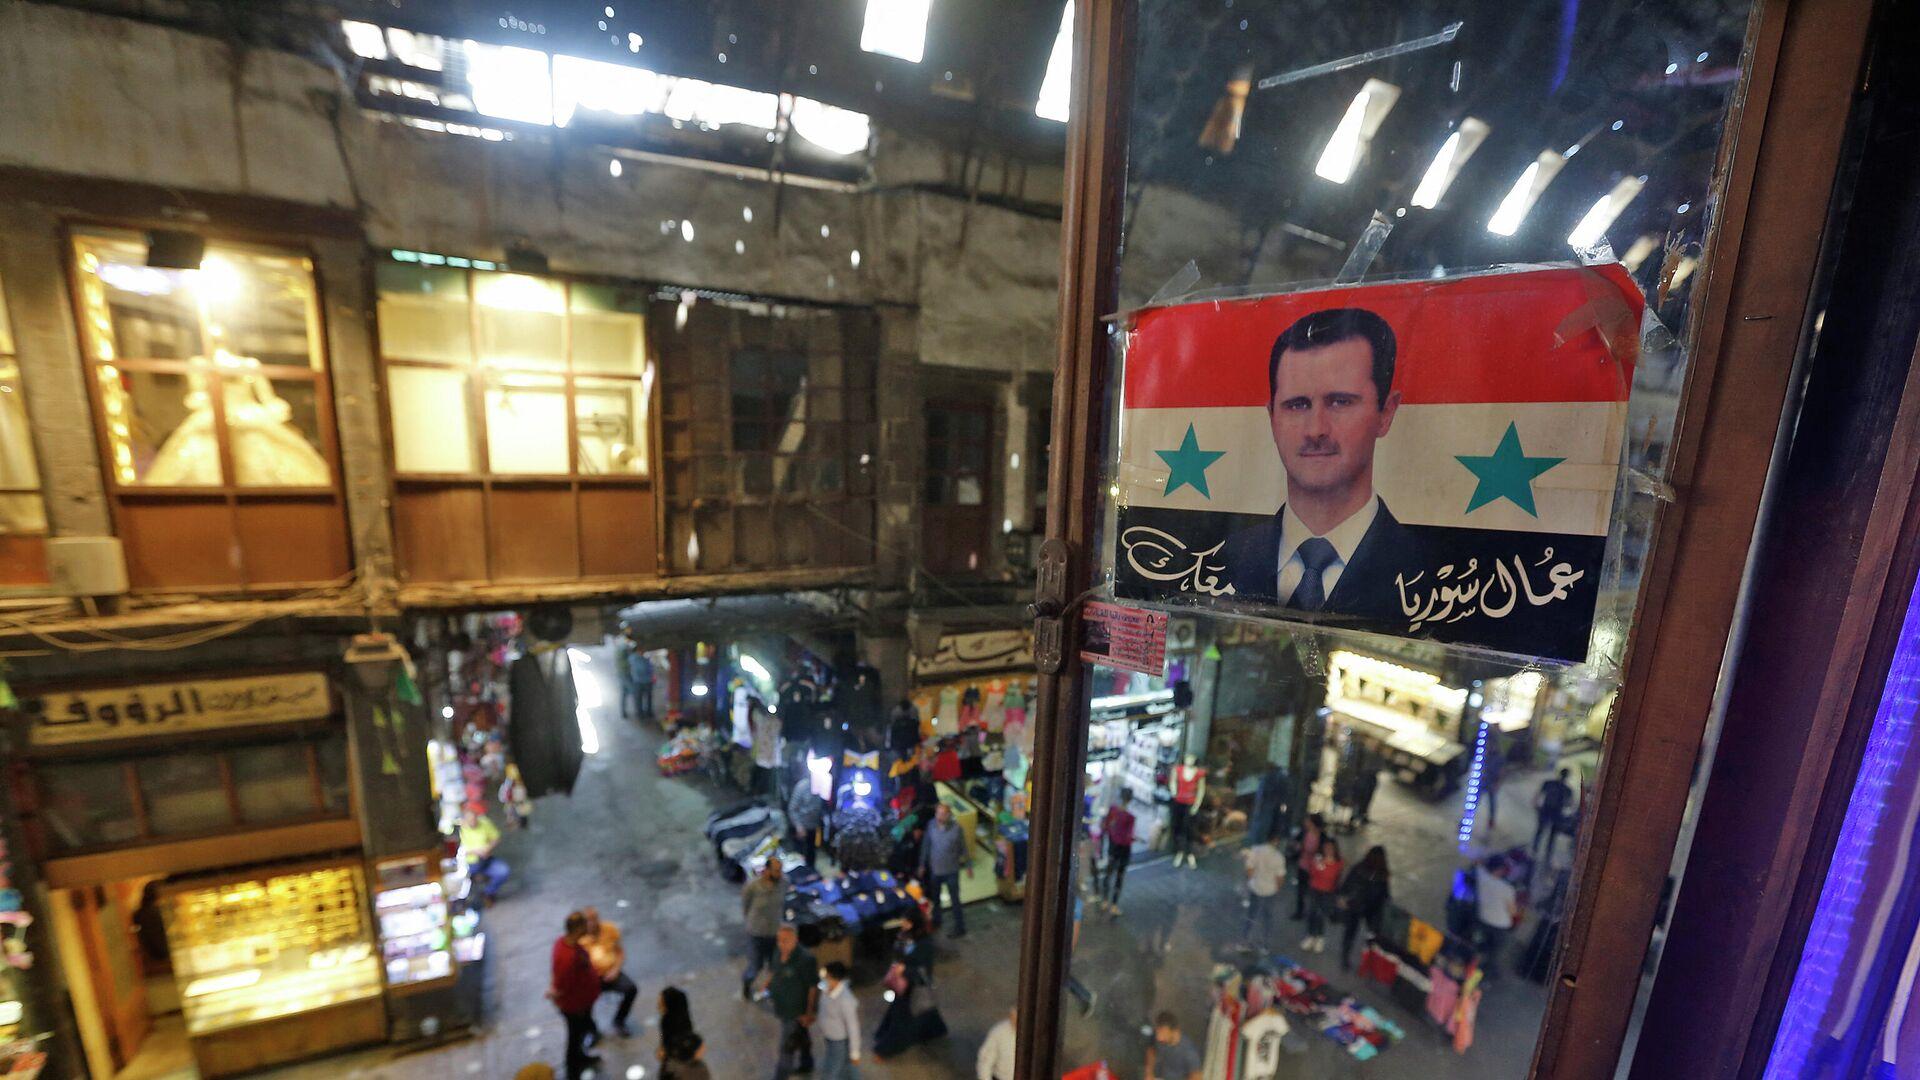 Плакат с изображением президента Сирии Башара Асада на рынке в Дамаске - РИА Новости, 1920, 28.04.2021